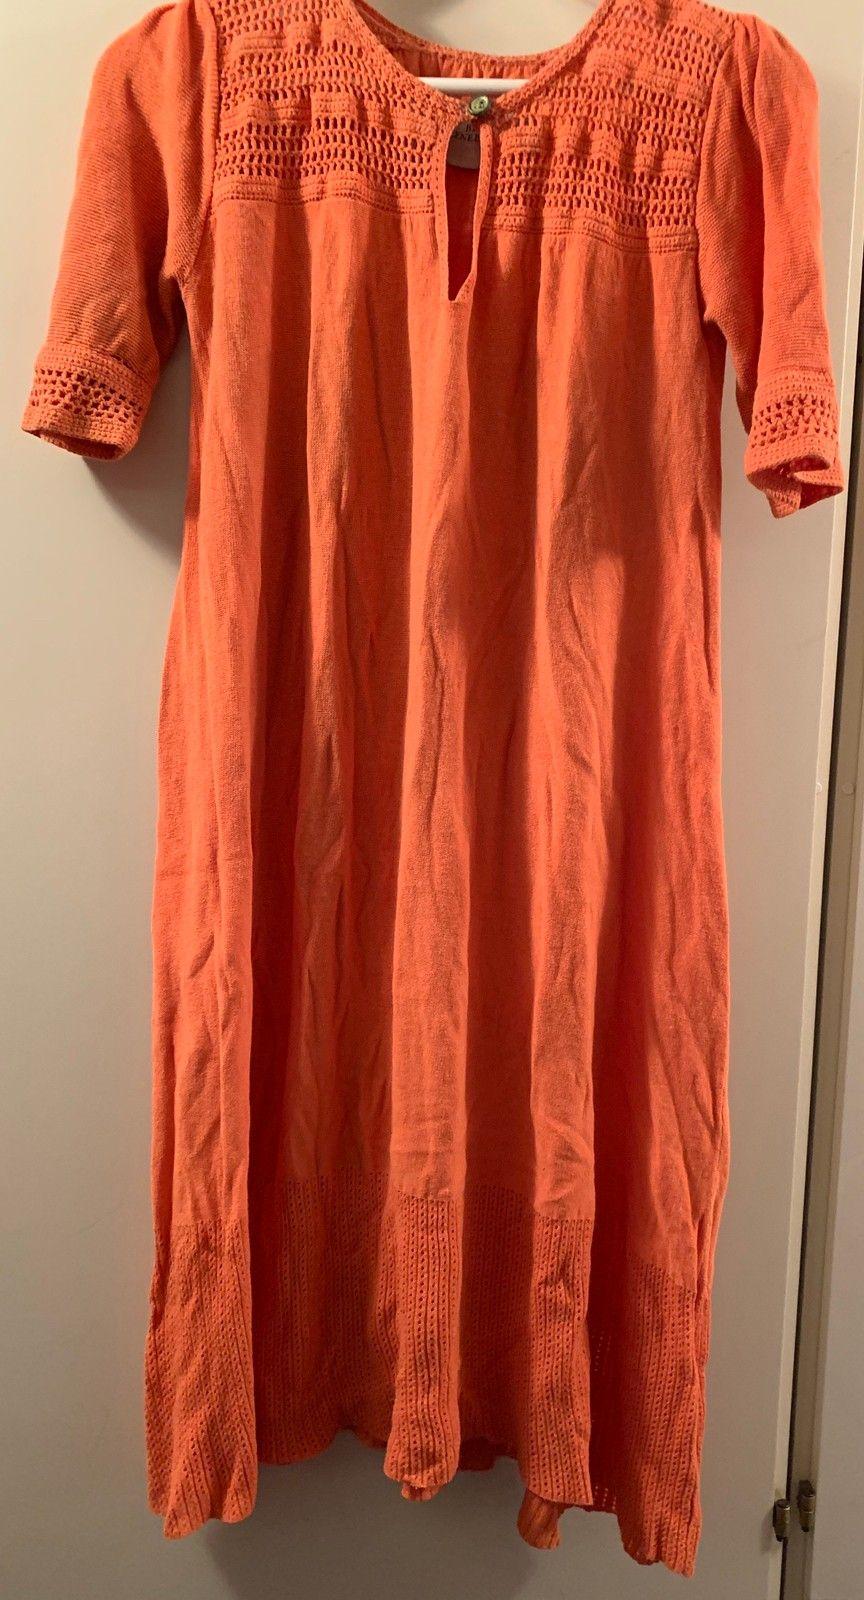 a1bce041 By Malene Birger oransje kjole | FINN.no